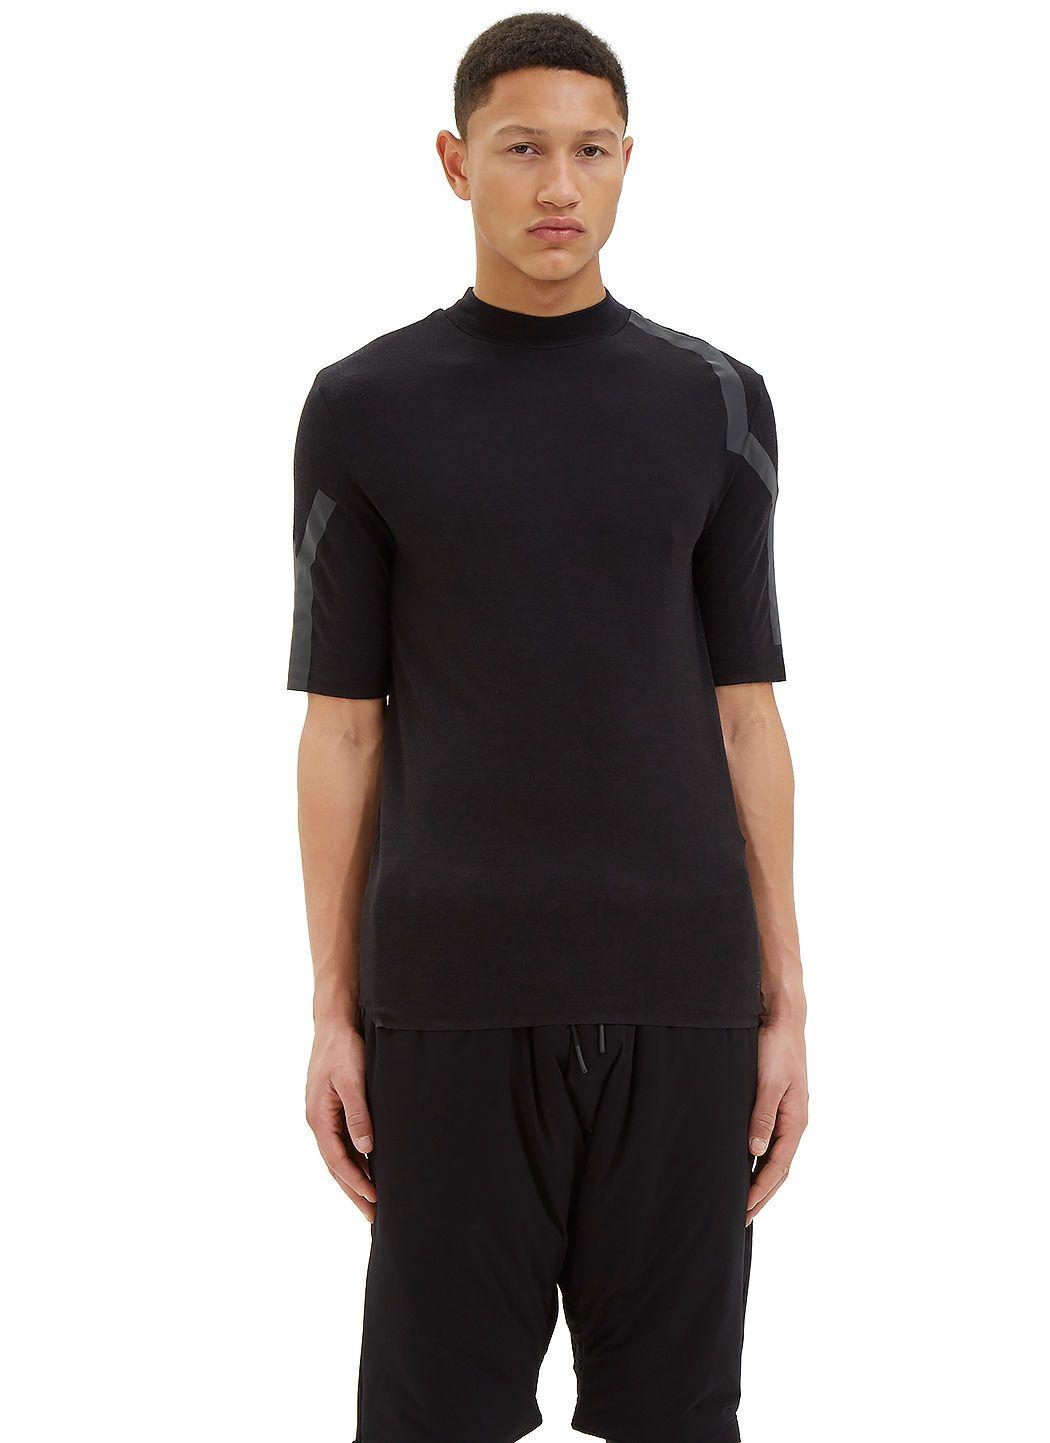 Y-3 Men's Mock Neck Merino T-Shirt in Black. #y-3 #cloth #